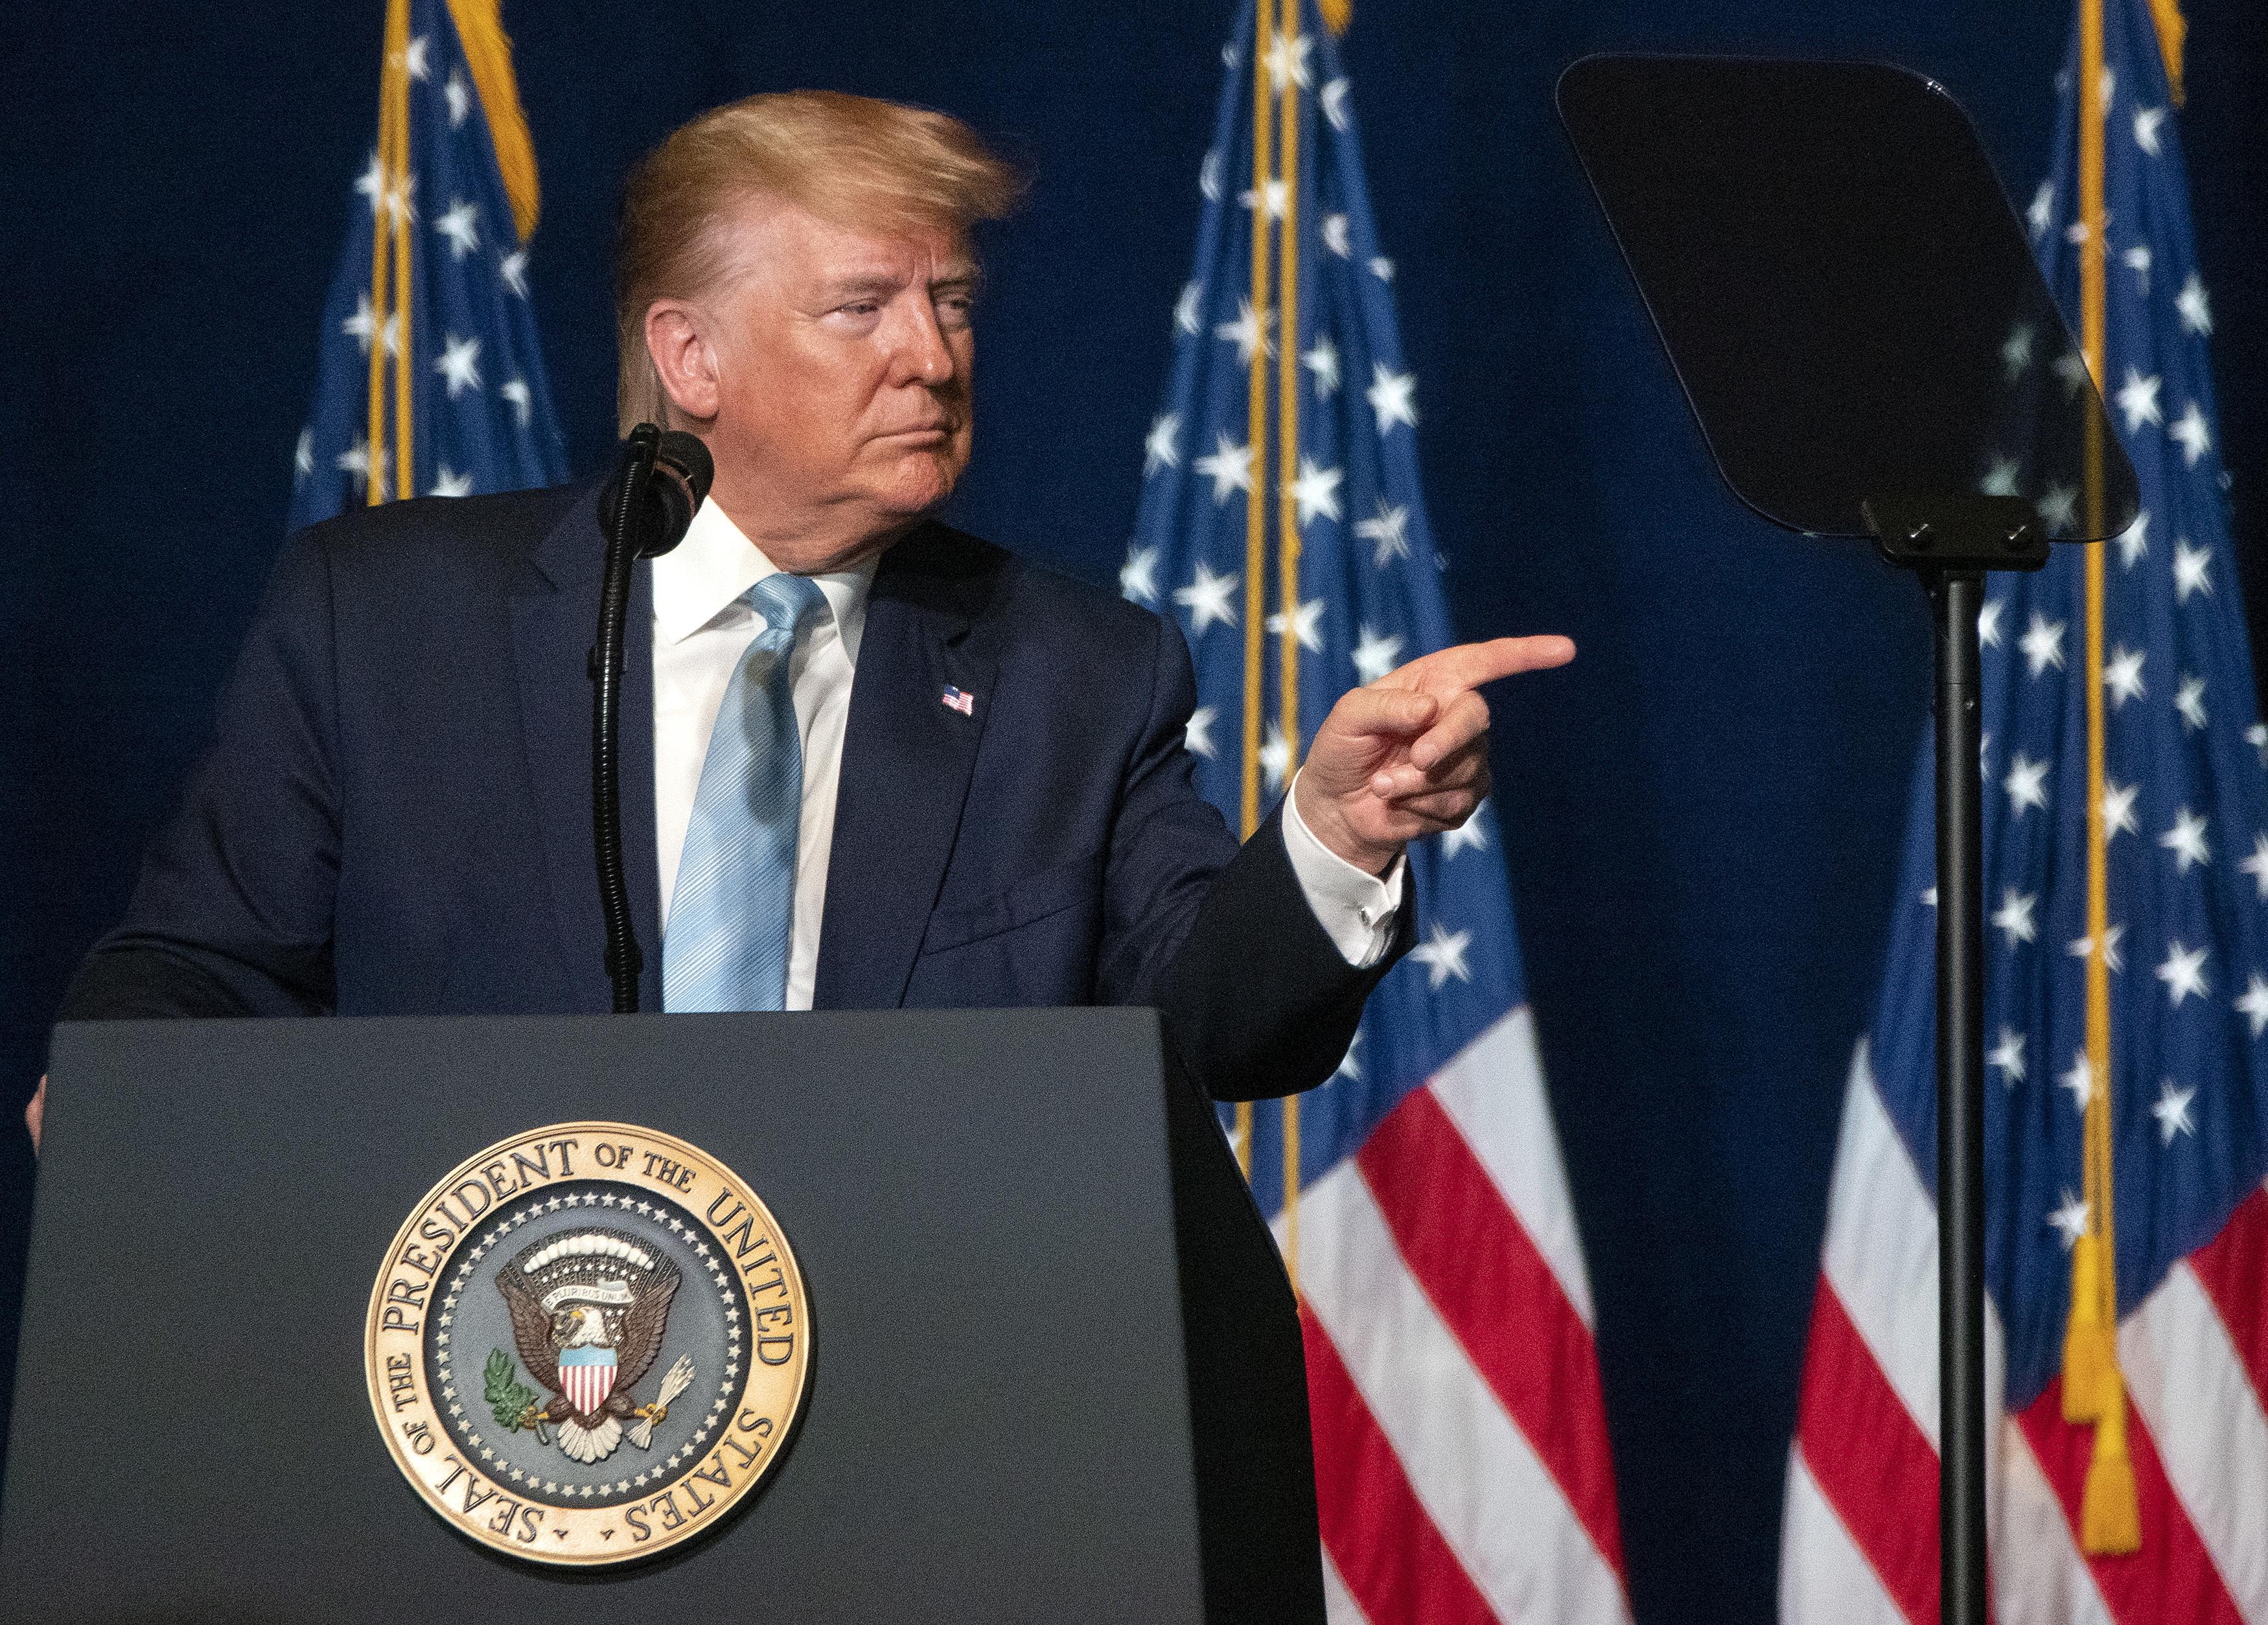 """O impeachment """"é uma tentativa descarada e ilegal de anular os resultados das eleições de 2016"""". Advogados de Trump avançam com primeira linha de defesa"""